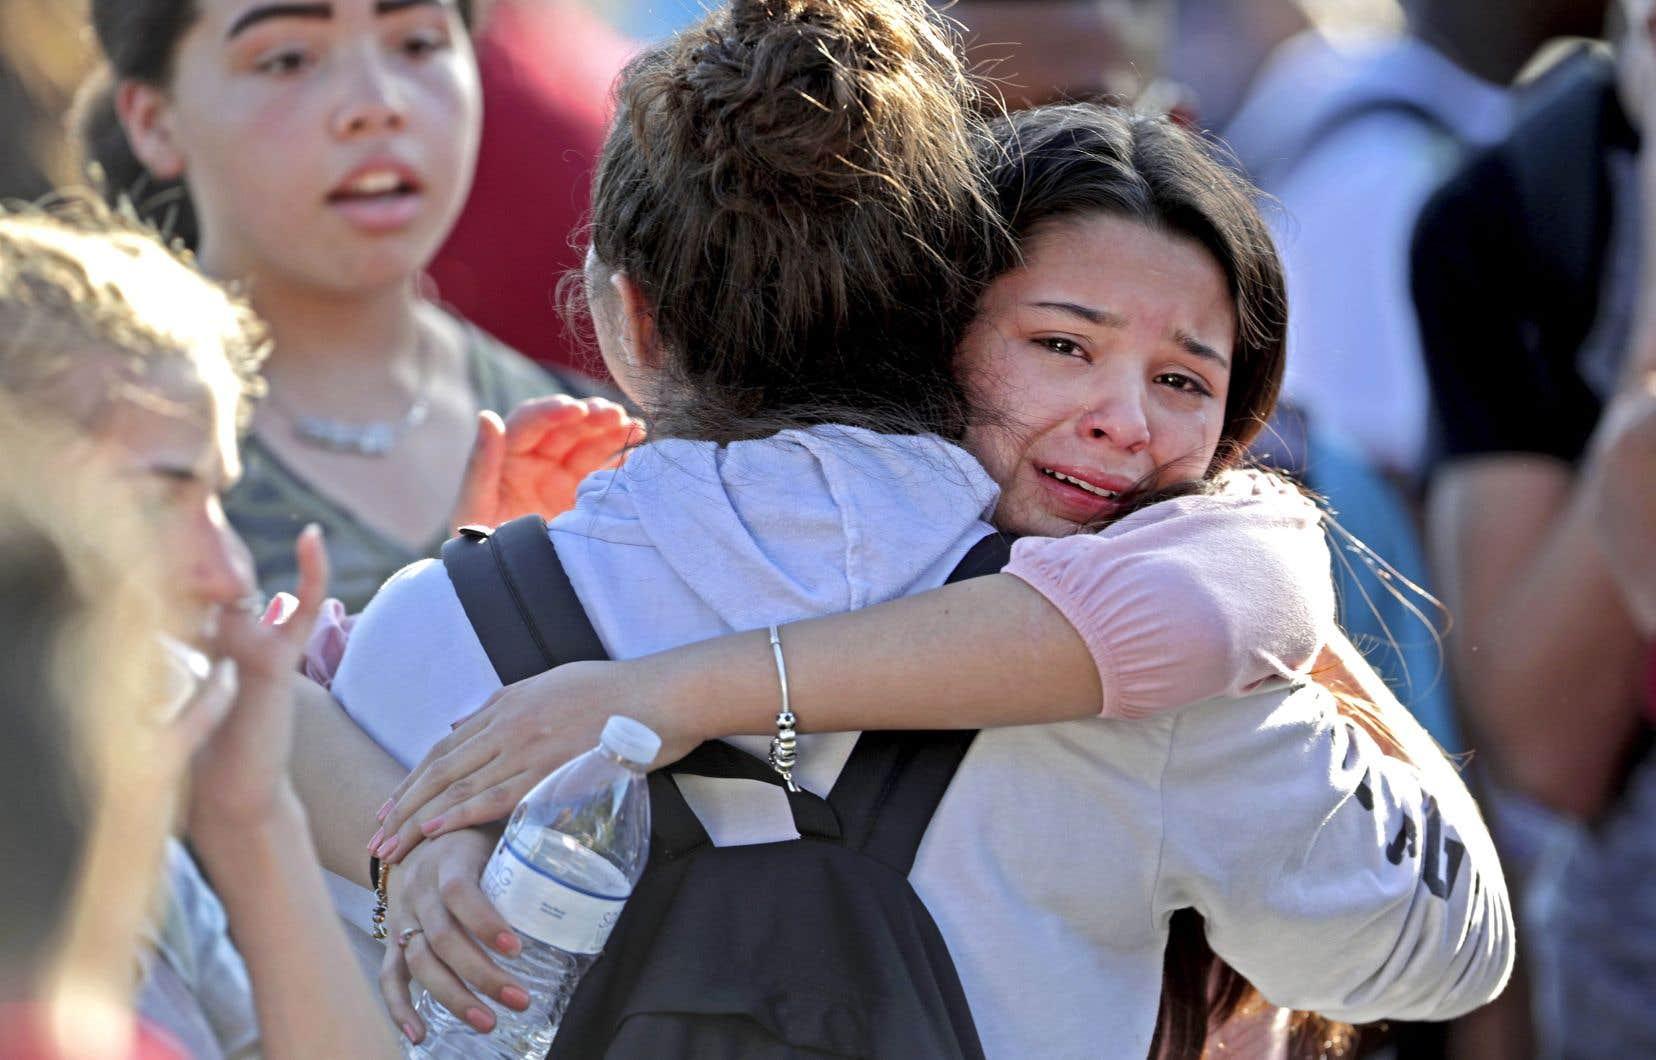 Des élèves ayant survécu à l'attaque d'un ancien camarade de classe tentent de se réconforter après.